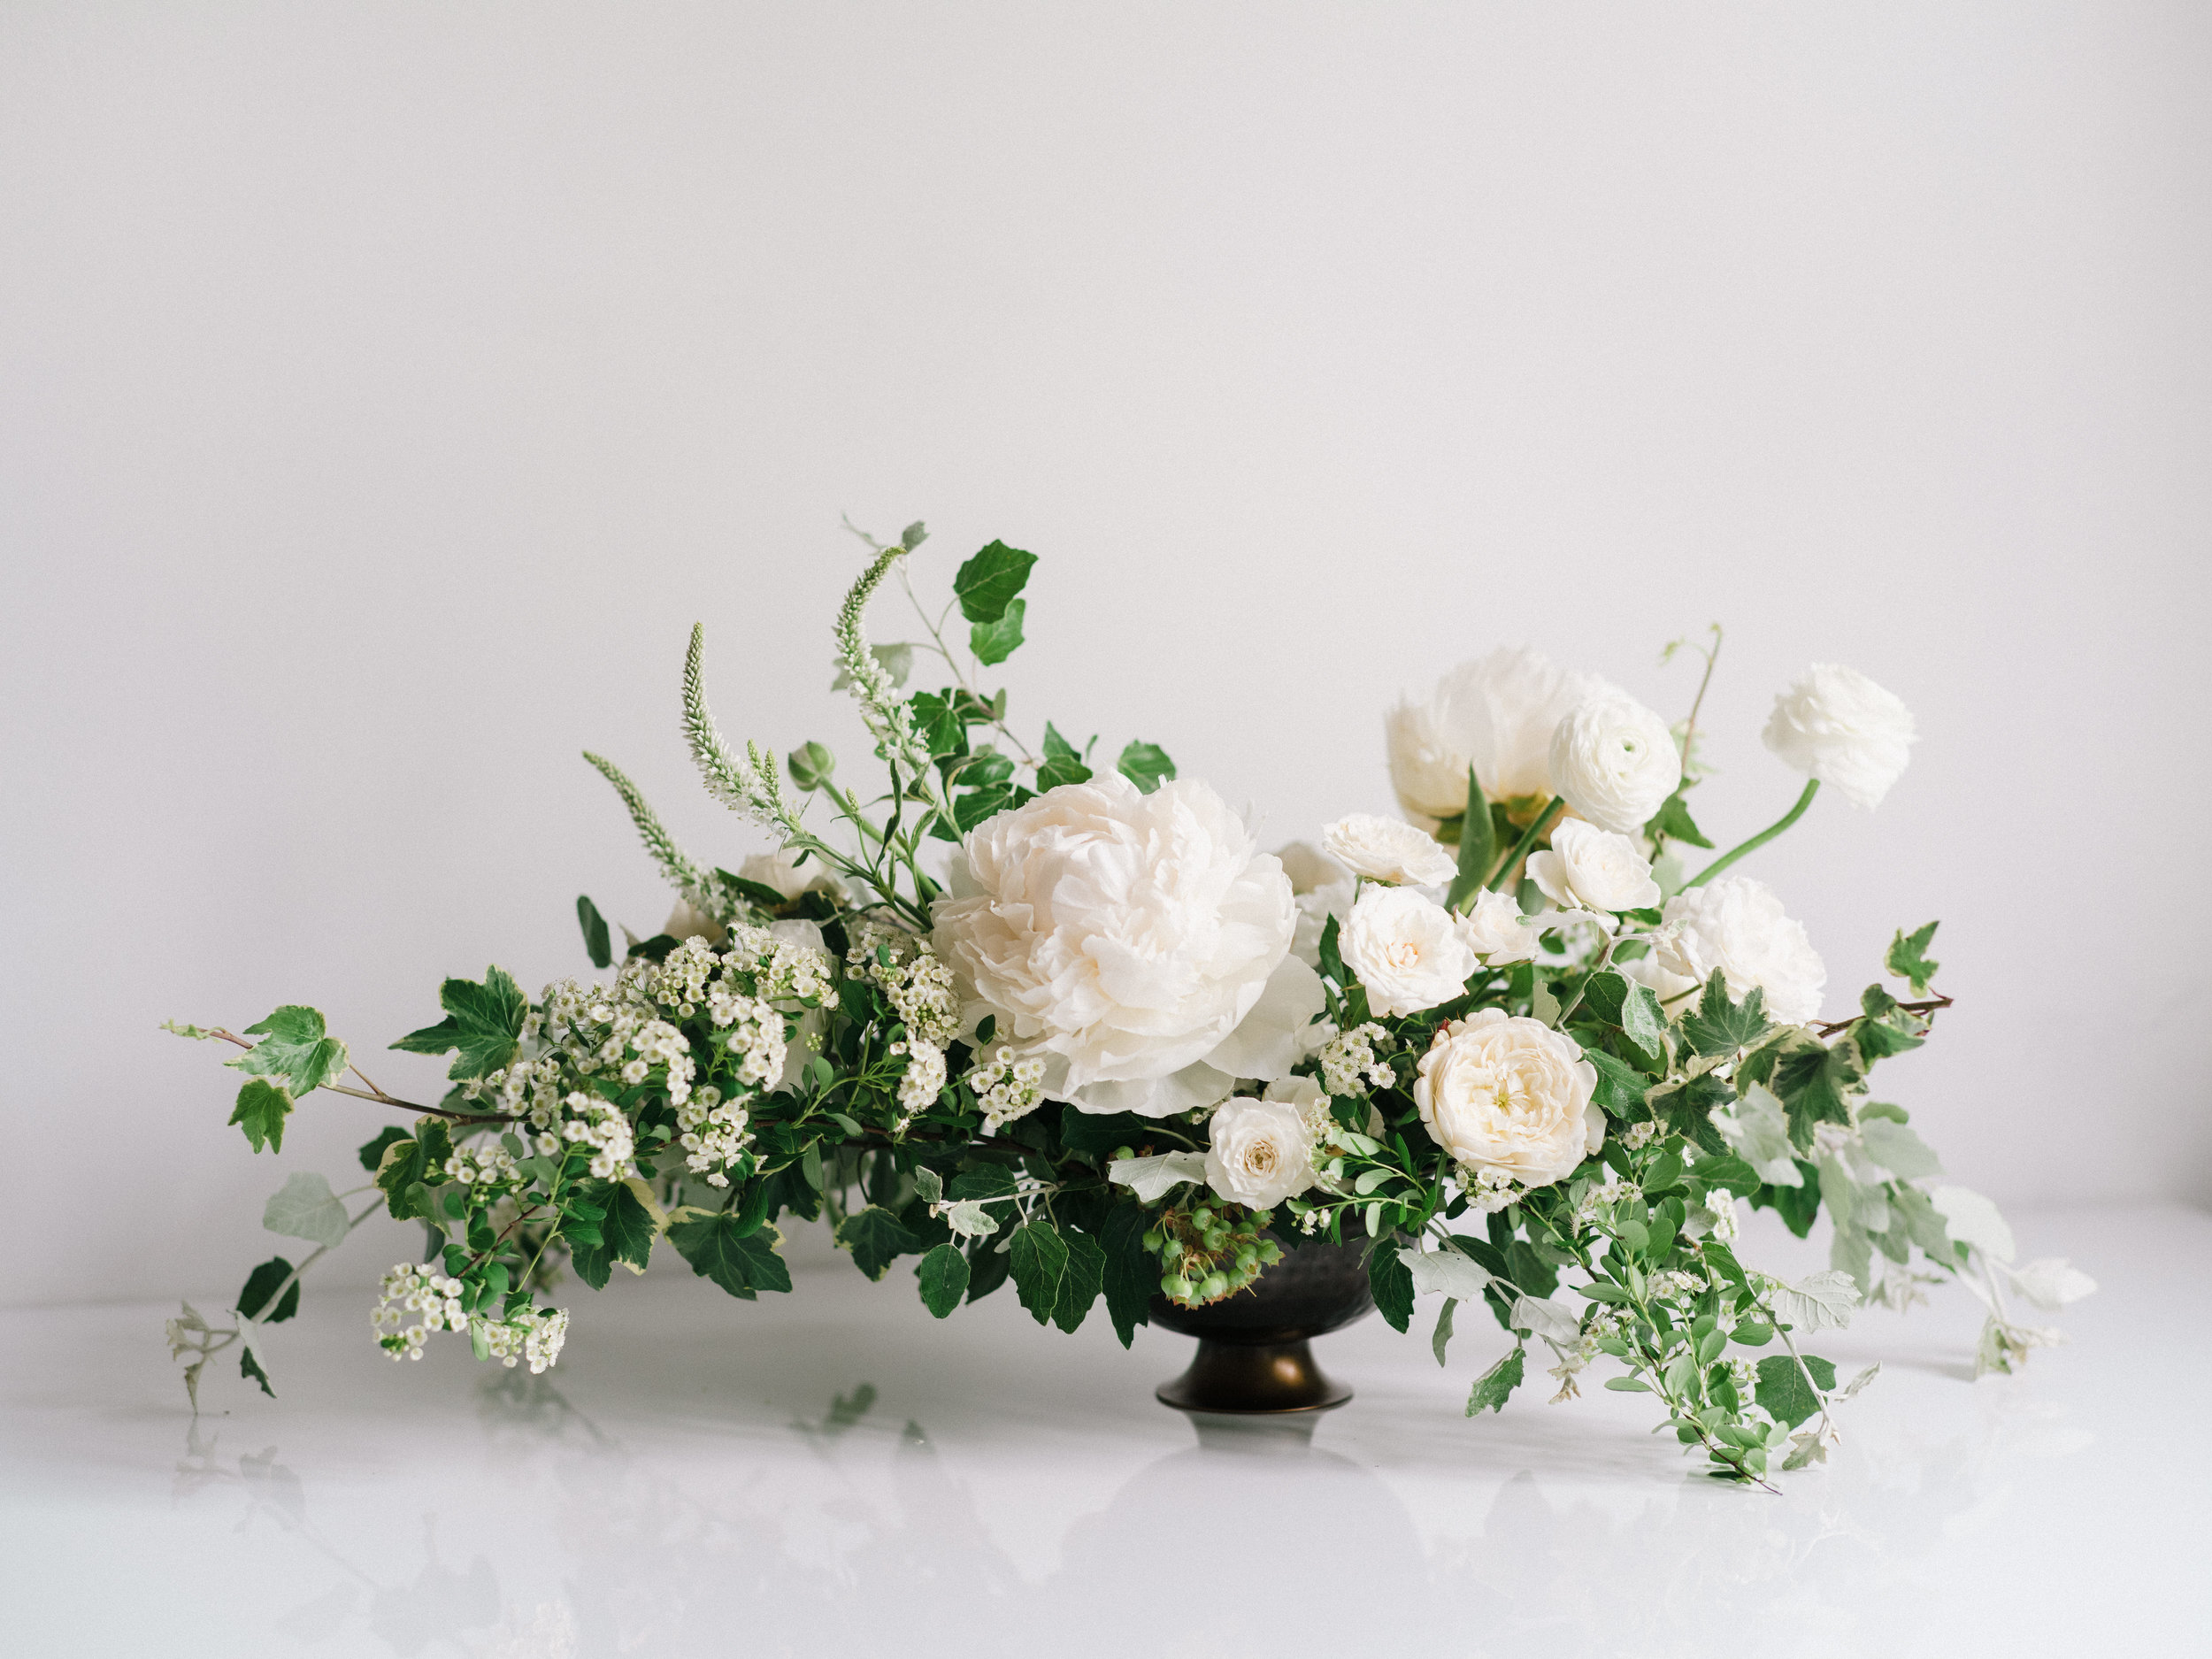 sinclairandmoore-real-wedding-workshop-ryanflynn-00446.jpg